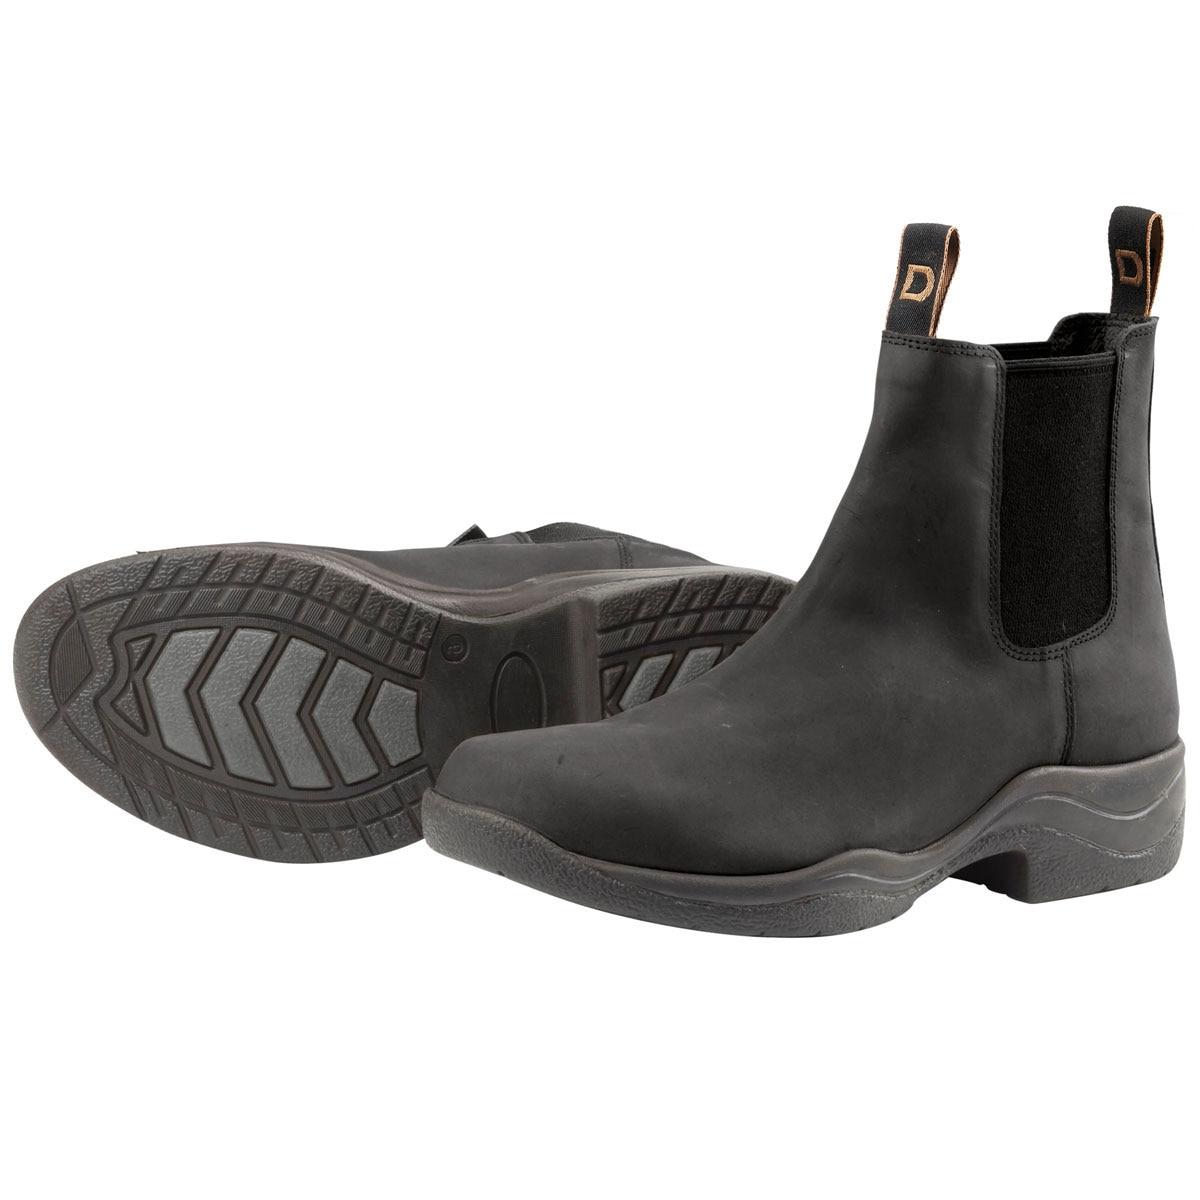 Dublin Venturer Boots